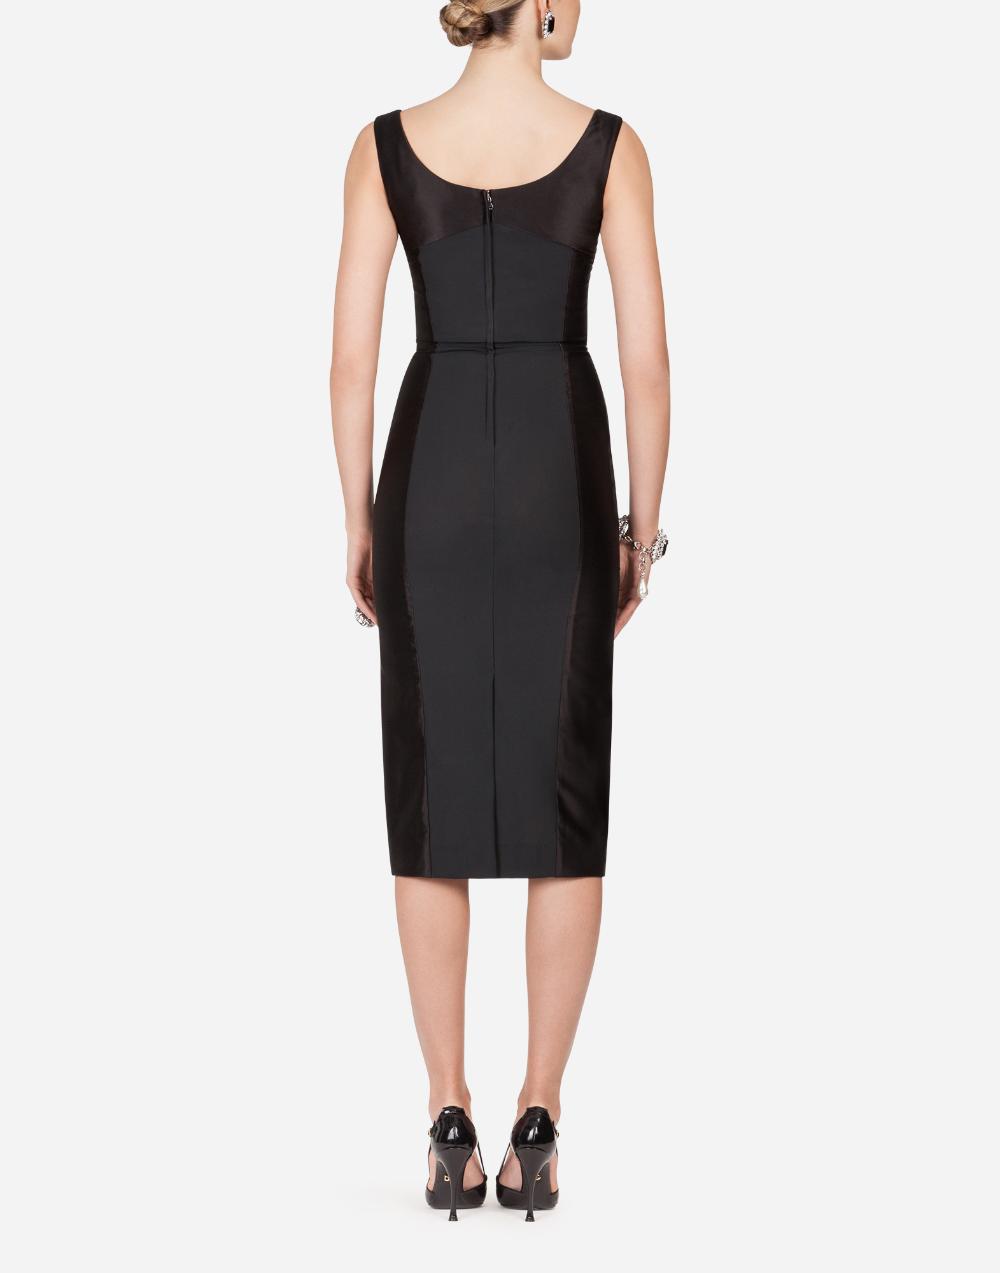 Women's Dresses | Dolce&Gabbana - DUCHESS SATIN MIDI DRESS